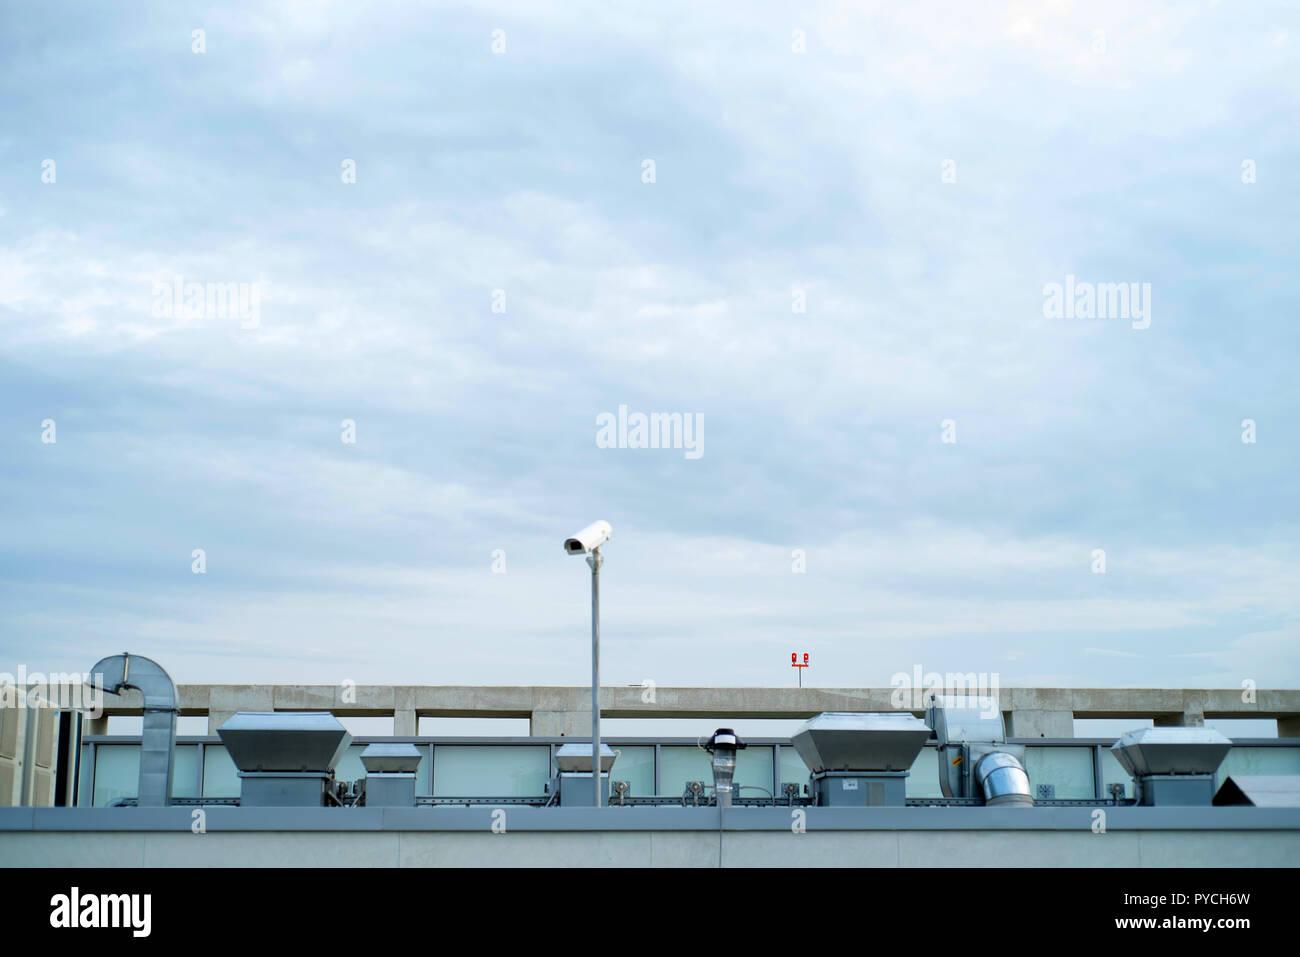 Industriebau Dachterrasse mit Ventilation und Rohren aus Metall Stockbild